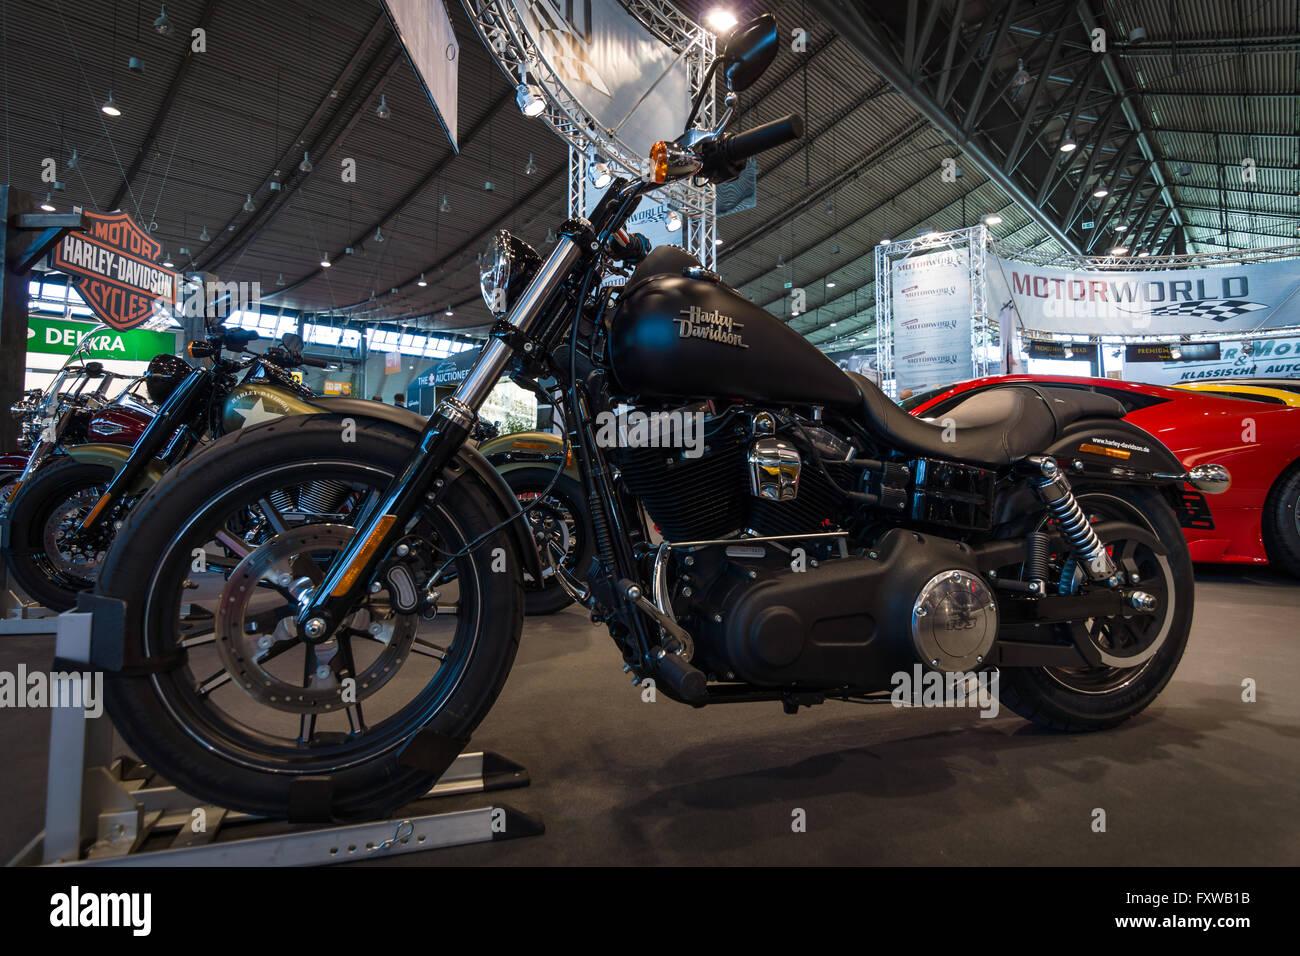 motorcycle harley davidson dyna street bob 2016 europe 39 s. Black Bedroom Furniture Sets. Home Design Ideas